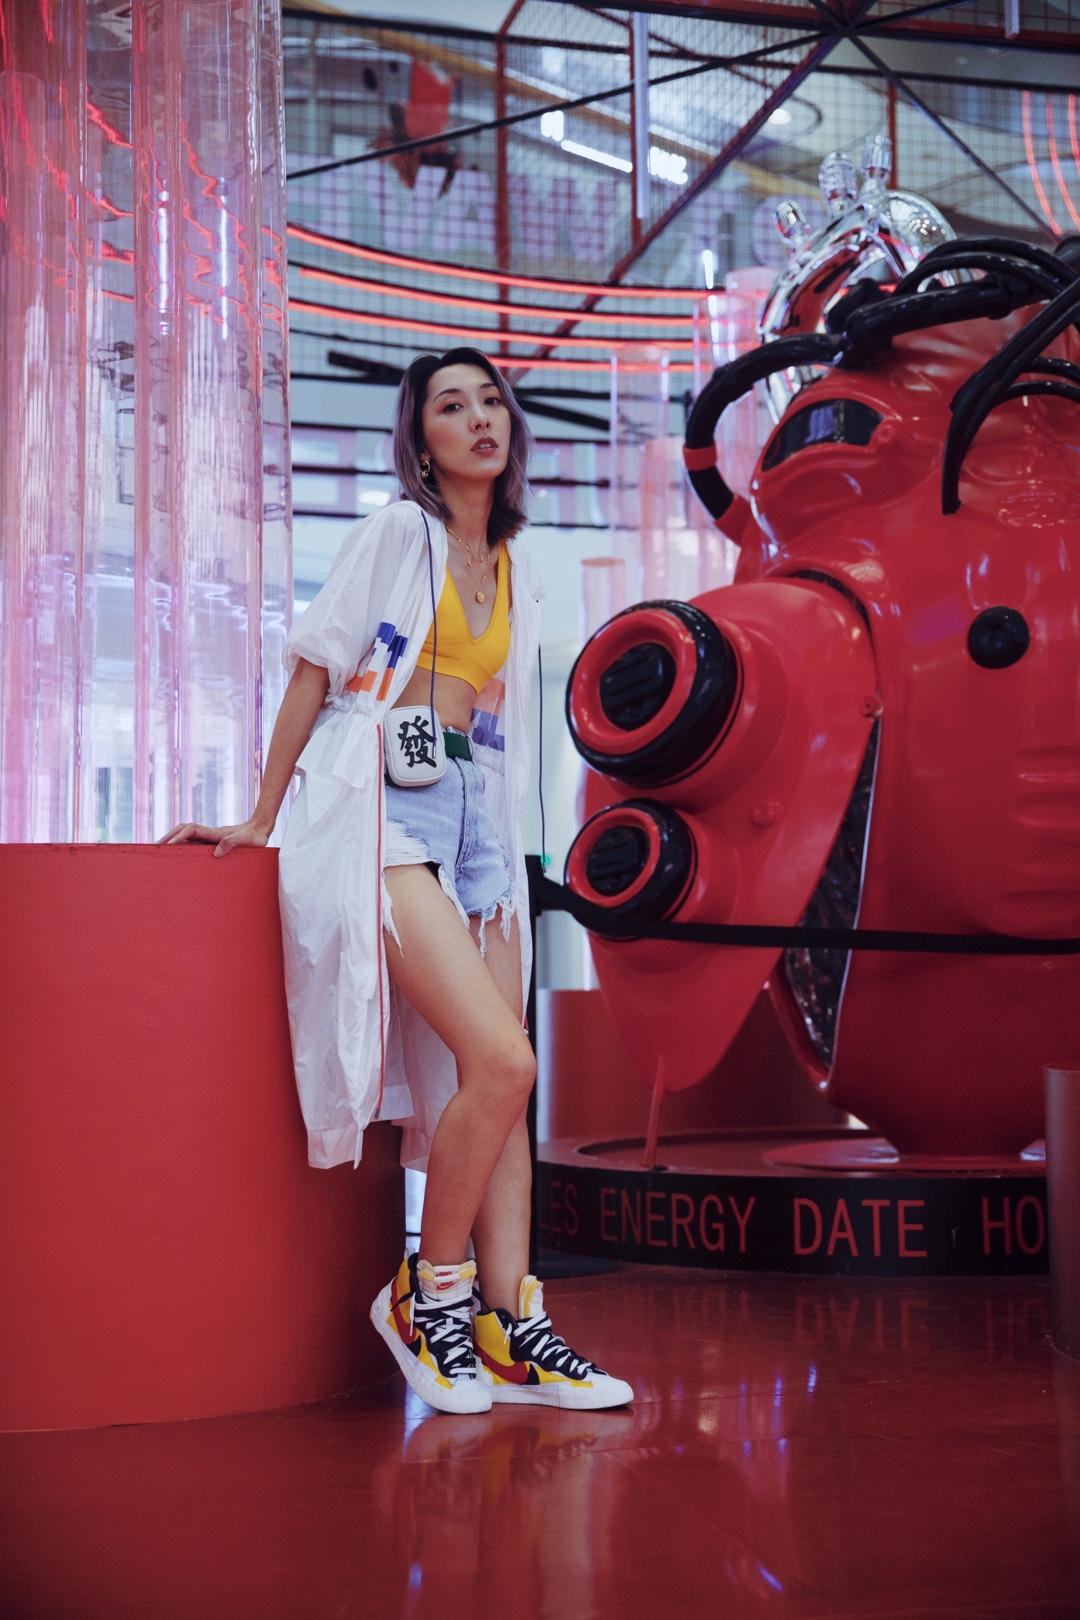 ViLook | Vol.301 ———— 第一眼看到Sacai和Nike的联名就爱上了!黄蓝红白四种颜色出现在同一个单品上却又可以如此吸睛和耐看!当真佩服设计师的鬼才!有了这样的神单品其他搭配也不能逊色,Icy的白色半透明风衣内搭抢眼黄色的维密胸衣,与鞋子完美呼应。有趣的鞋加有趣的衣服,包包当然也不能逊色,老鬼制造的麻将发财小腰包也是有趣到身边好多老友想刮走~  #过渡季必备:初秋小外套#